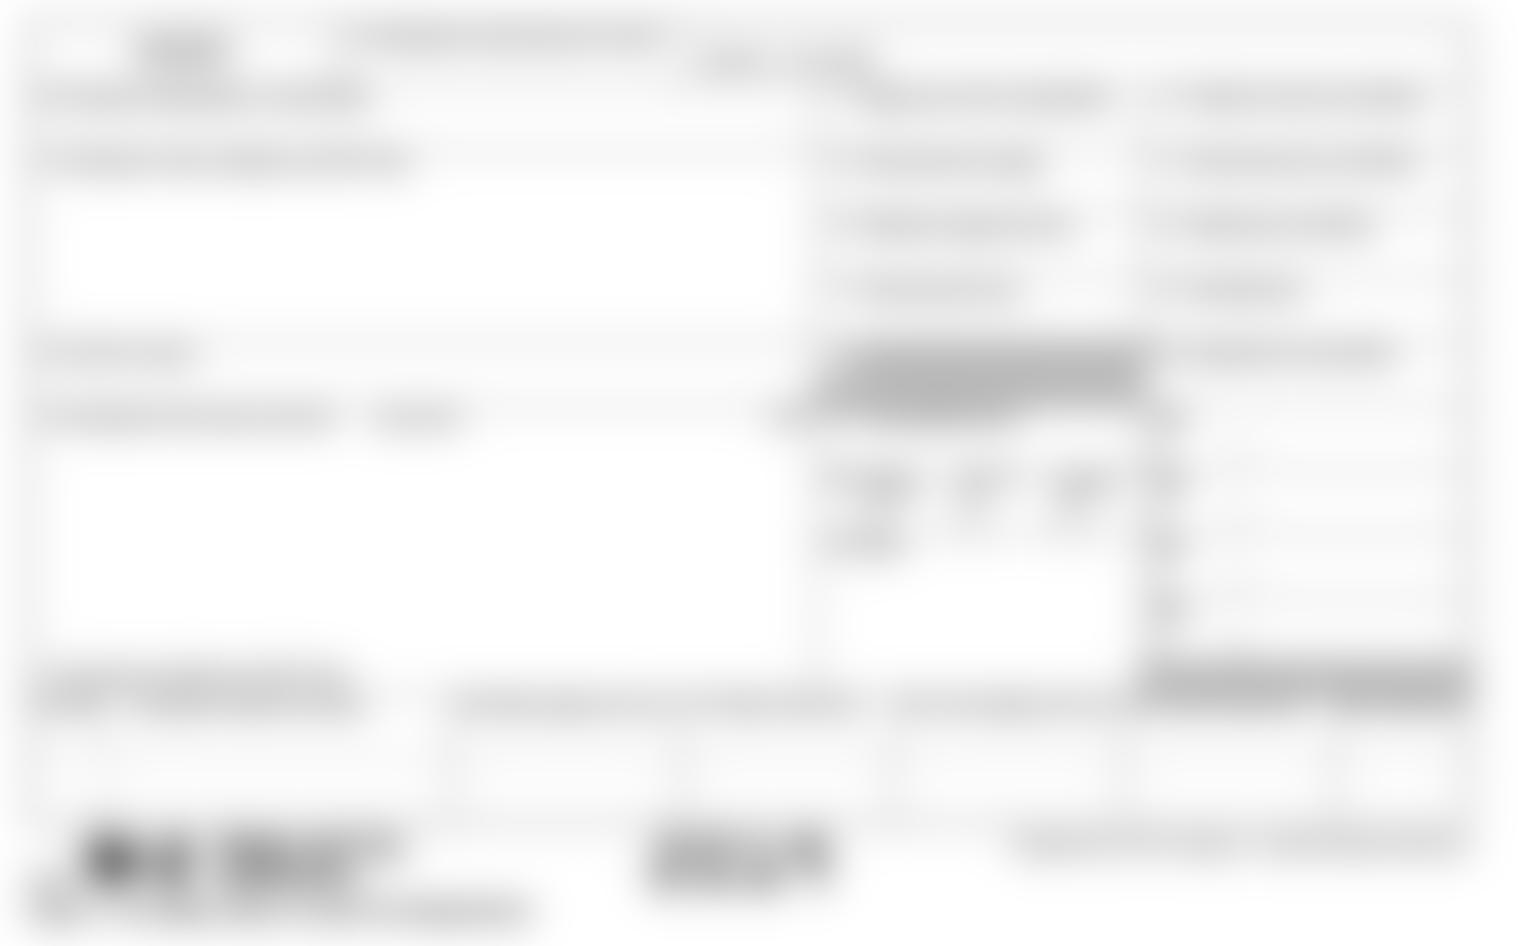 W-2 Blank Document